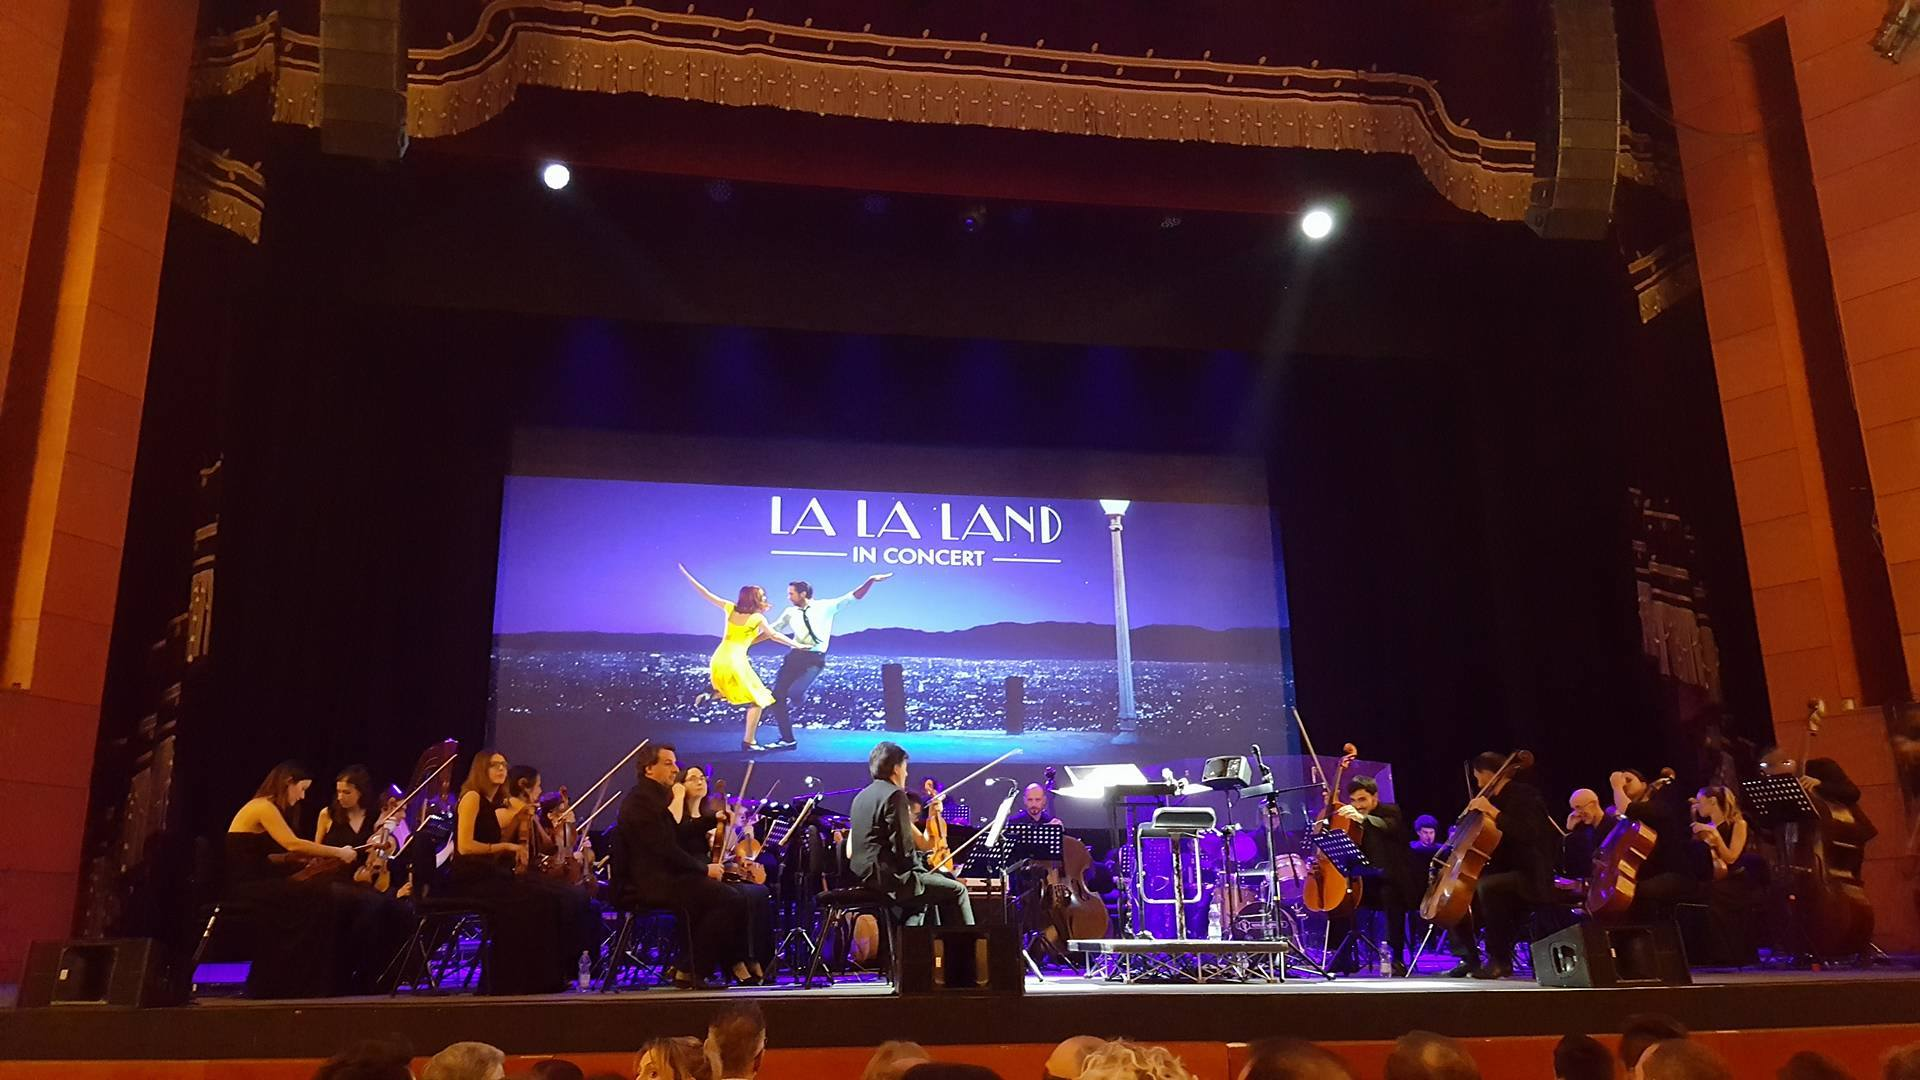 La La Land in concerto